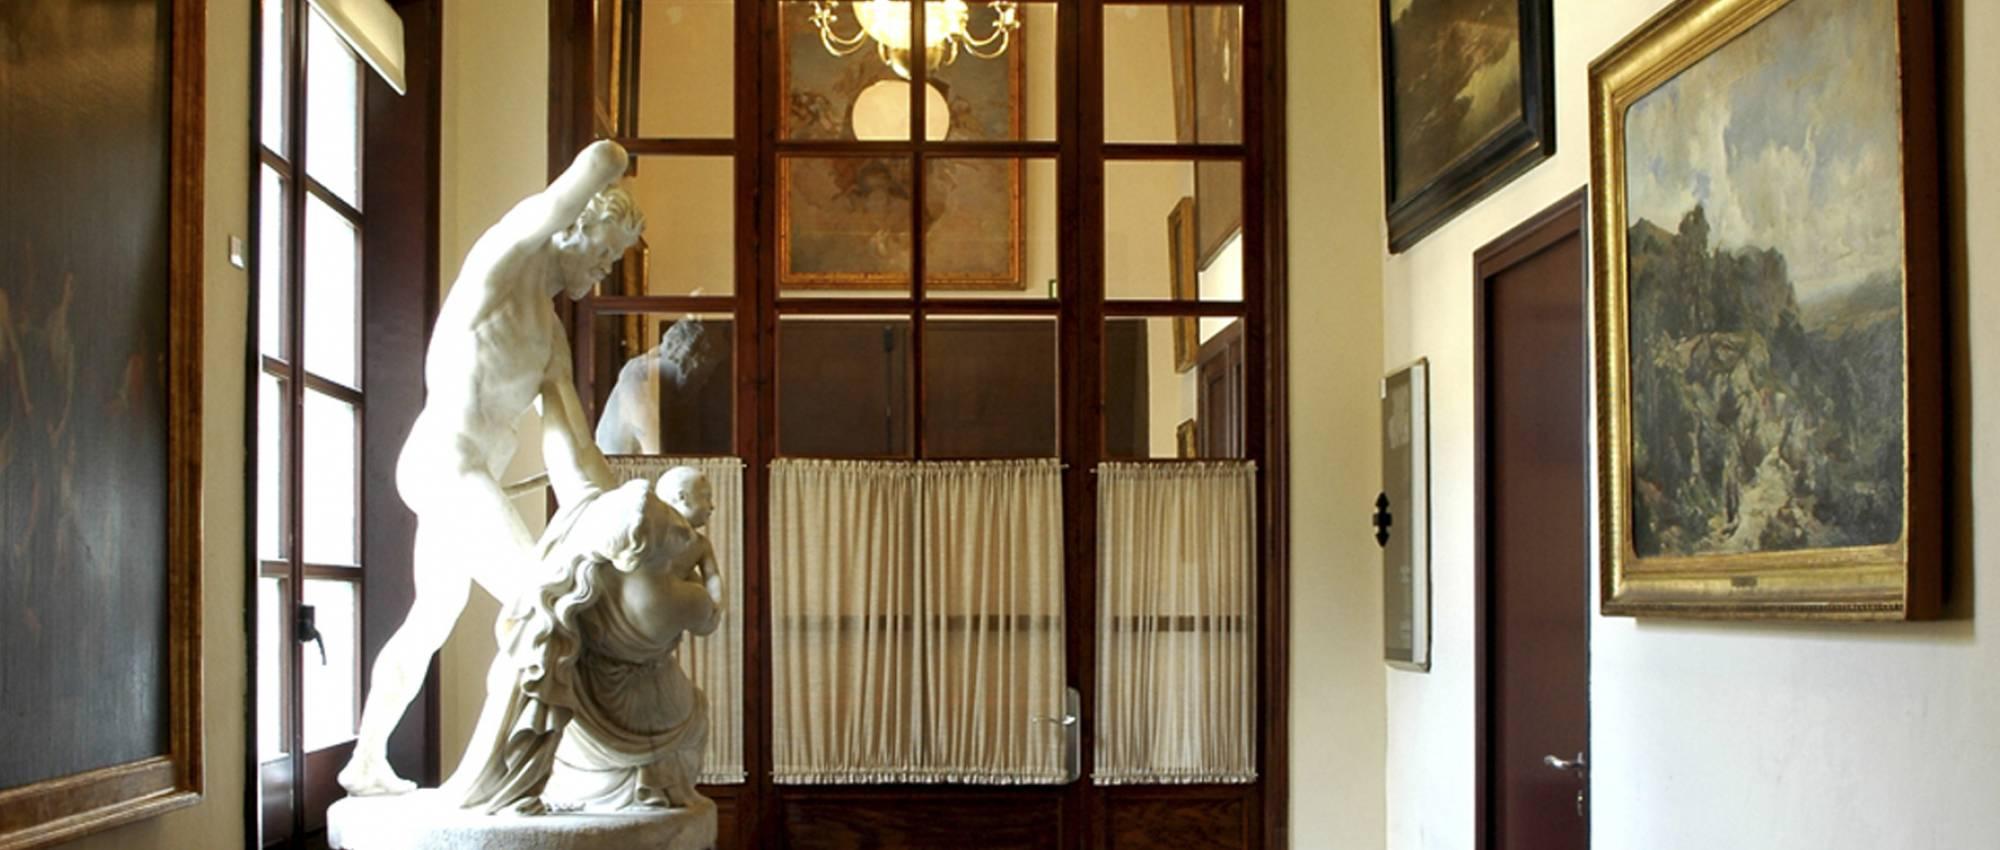 Entrance hall of Reial Acadèmia Catalana de Belles Arts de Sant Jordi. RACBASJ / Wikimedia Commons. Domini públic